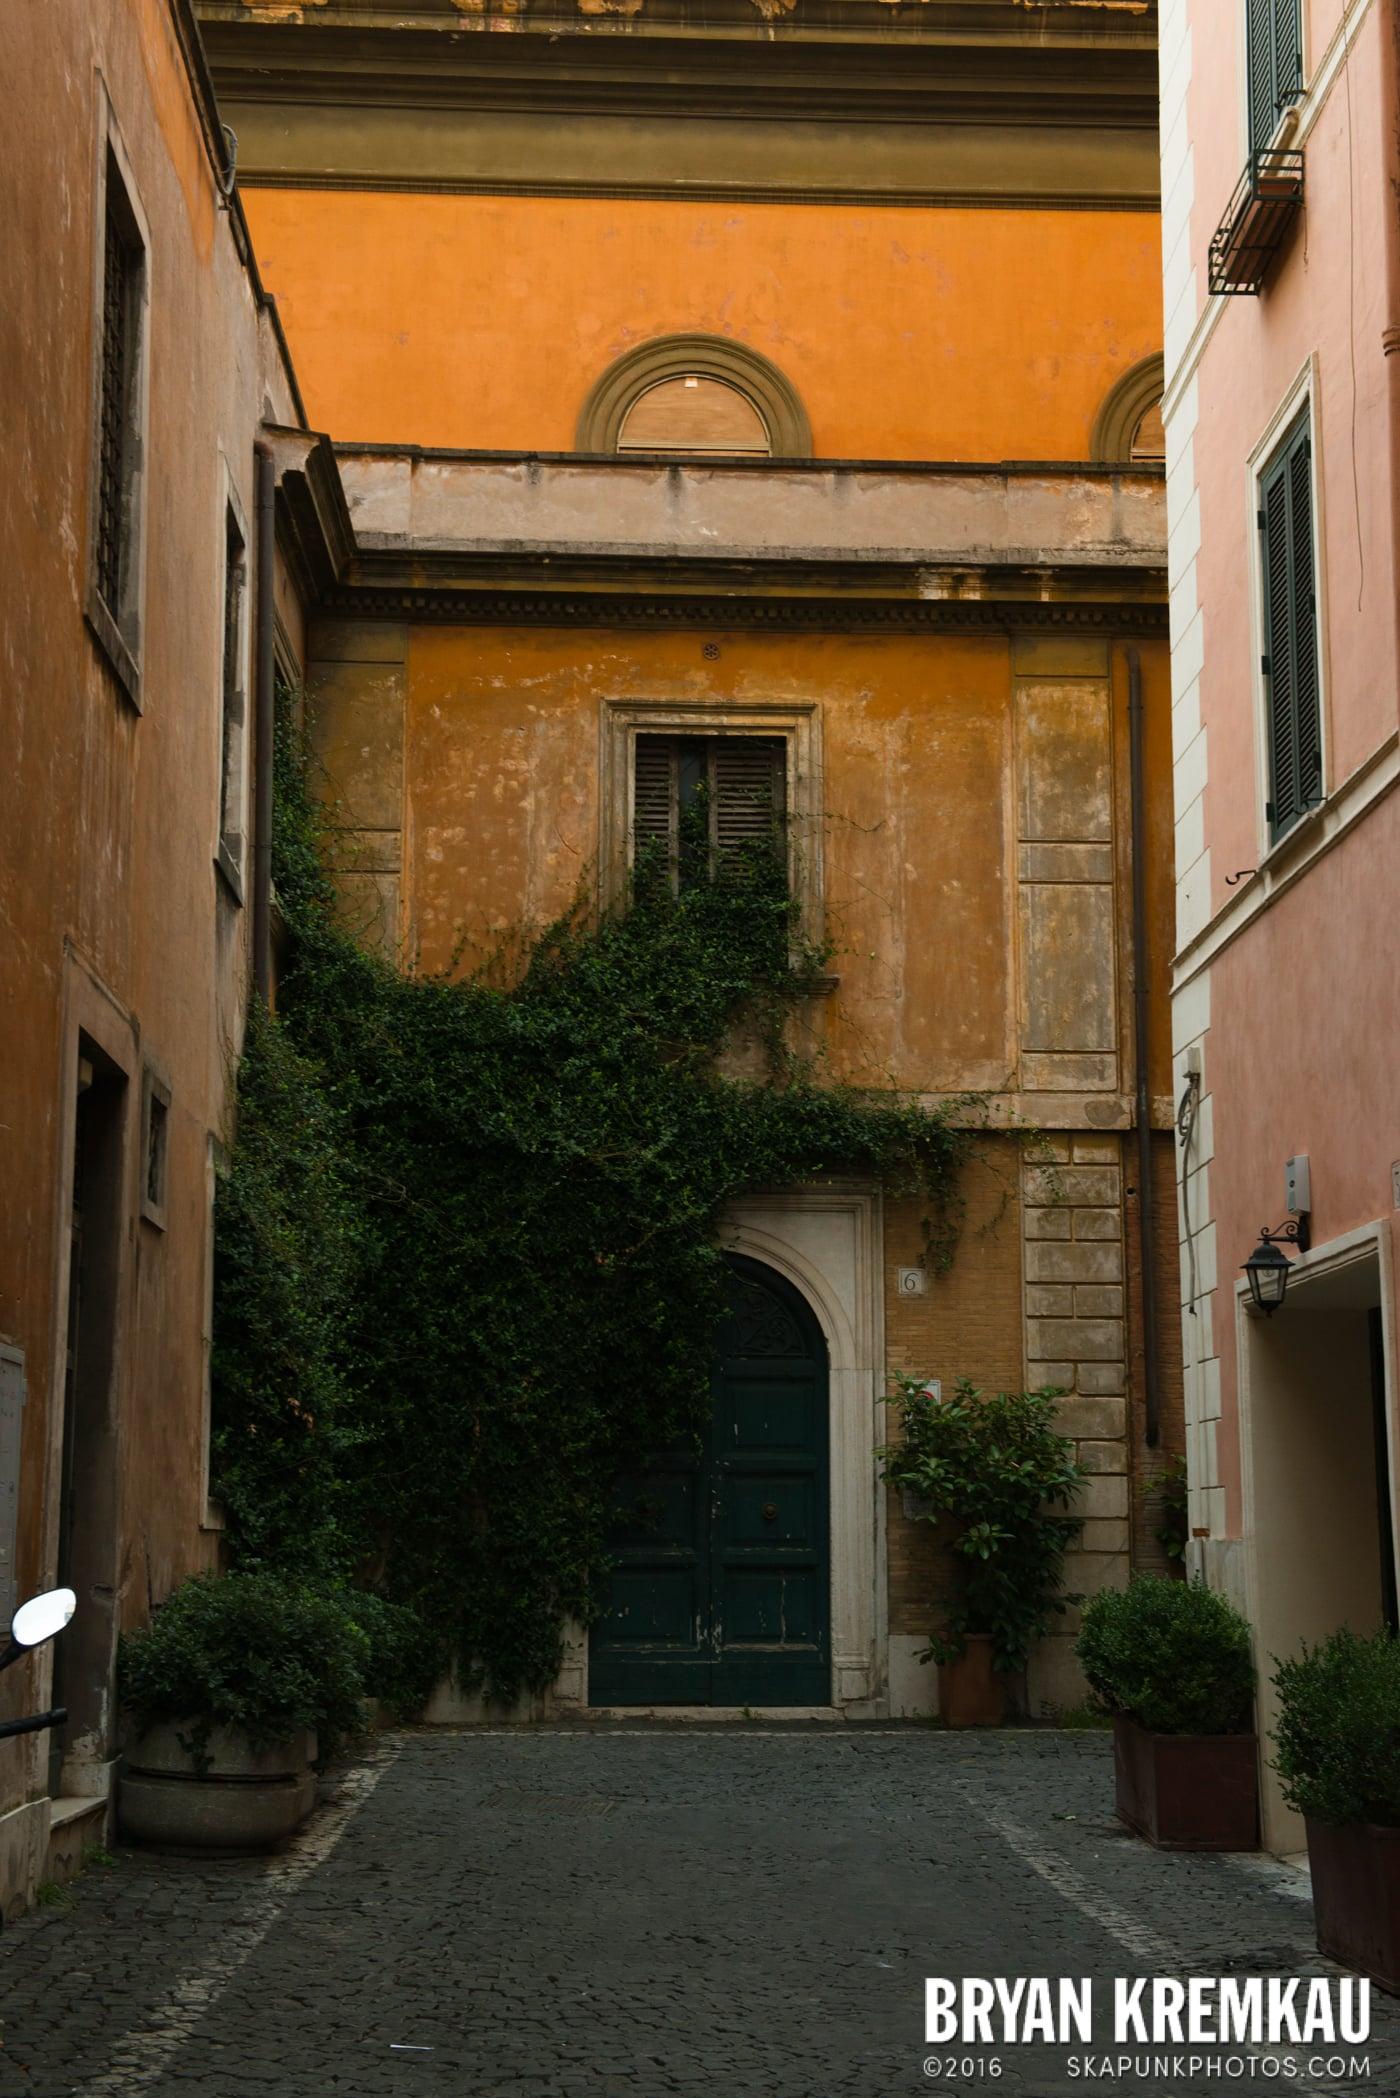 Italy Vacation - Day 3: Rome - 9.11.13 (10)